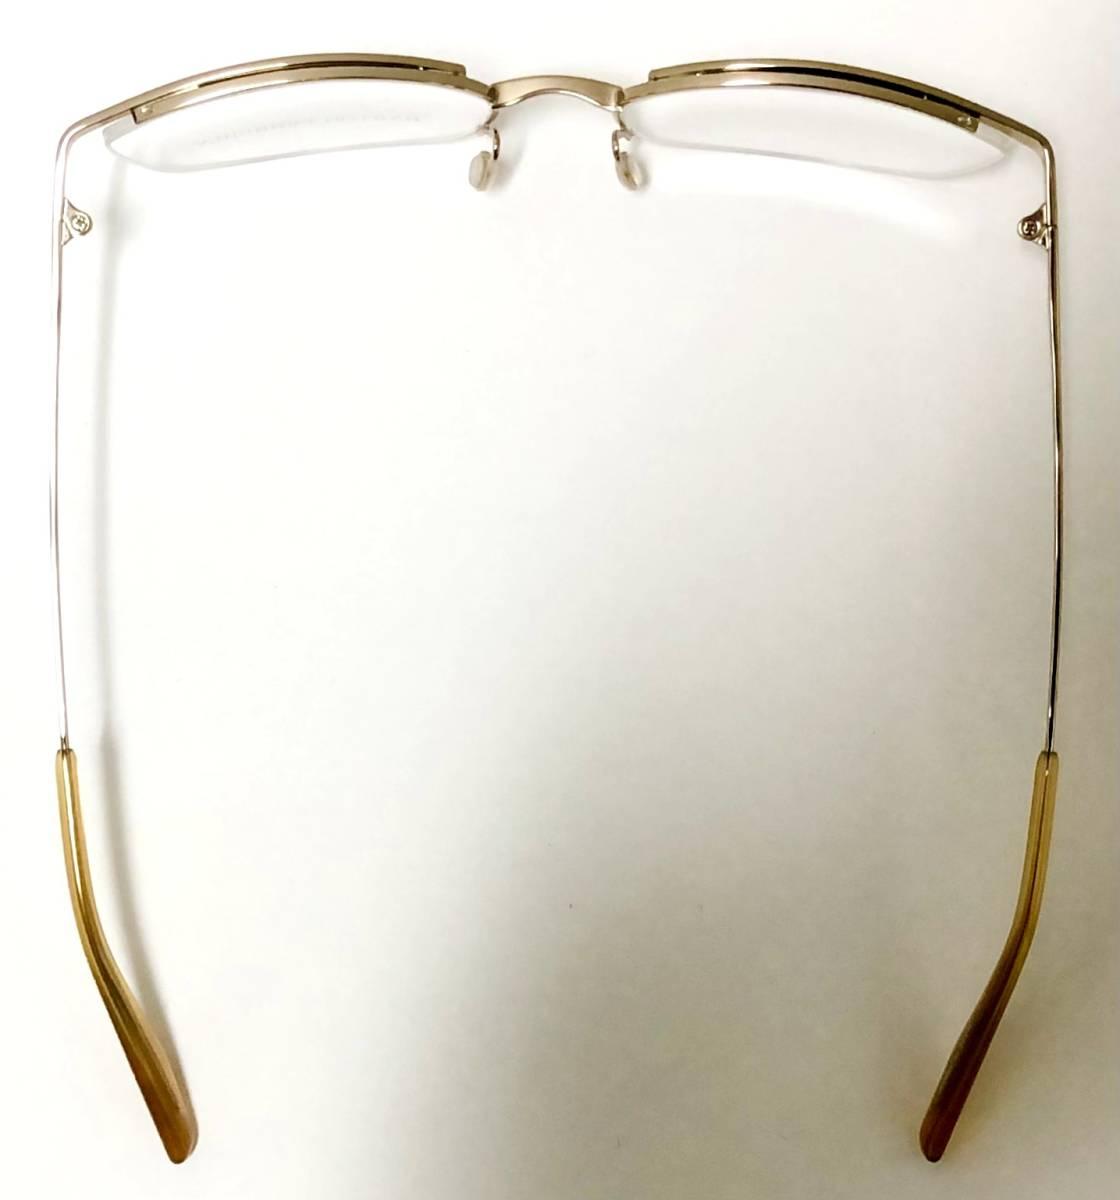 定価85800円 新品) 上流階級 バートンペレイラ ミア Barton Perreira 極上品 純正メガネ 付属品付き 金色 日本製 米国ブランド_画像8